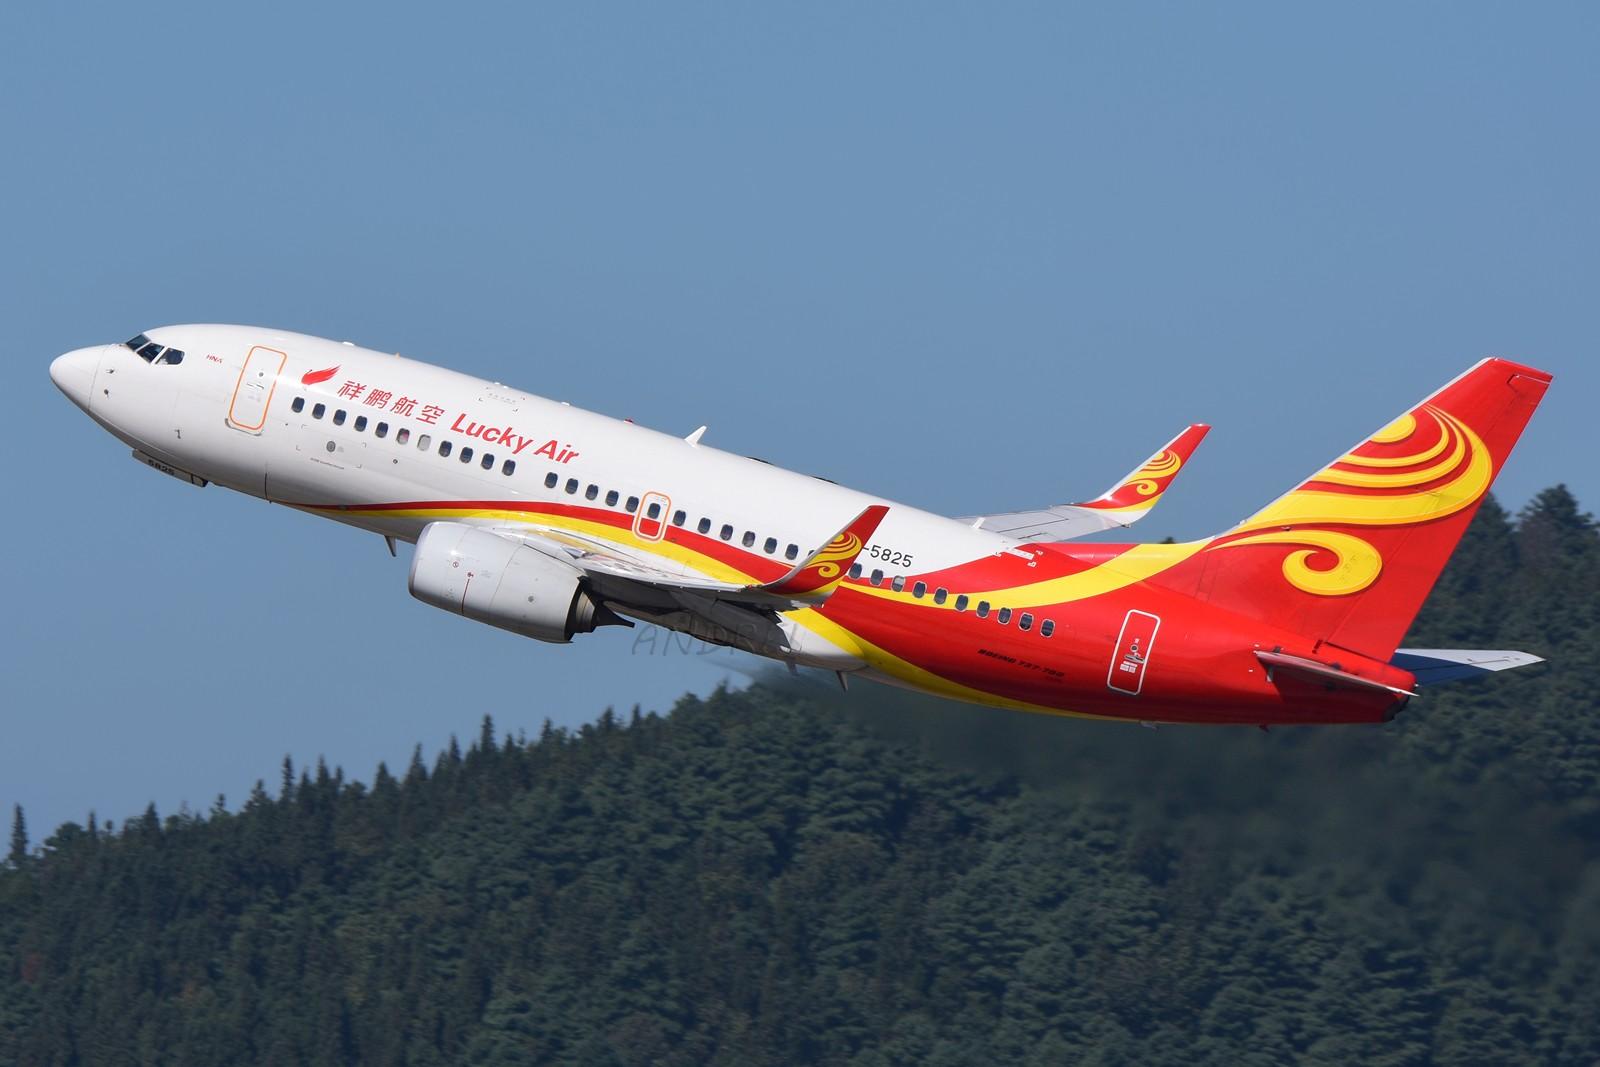 Re:[原创]=====有空就要来几发,不能懈怠===== BOEING 737-700 B-5825 中国昆明长水国际机场